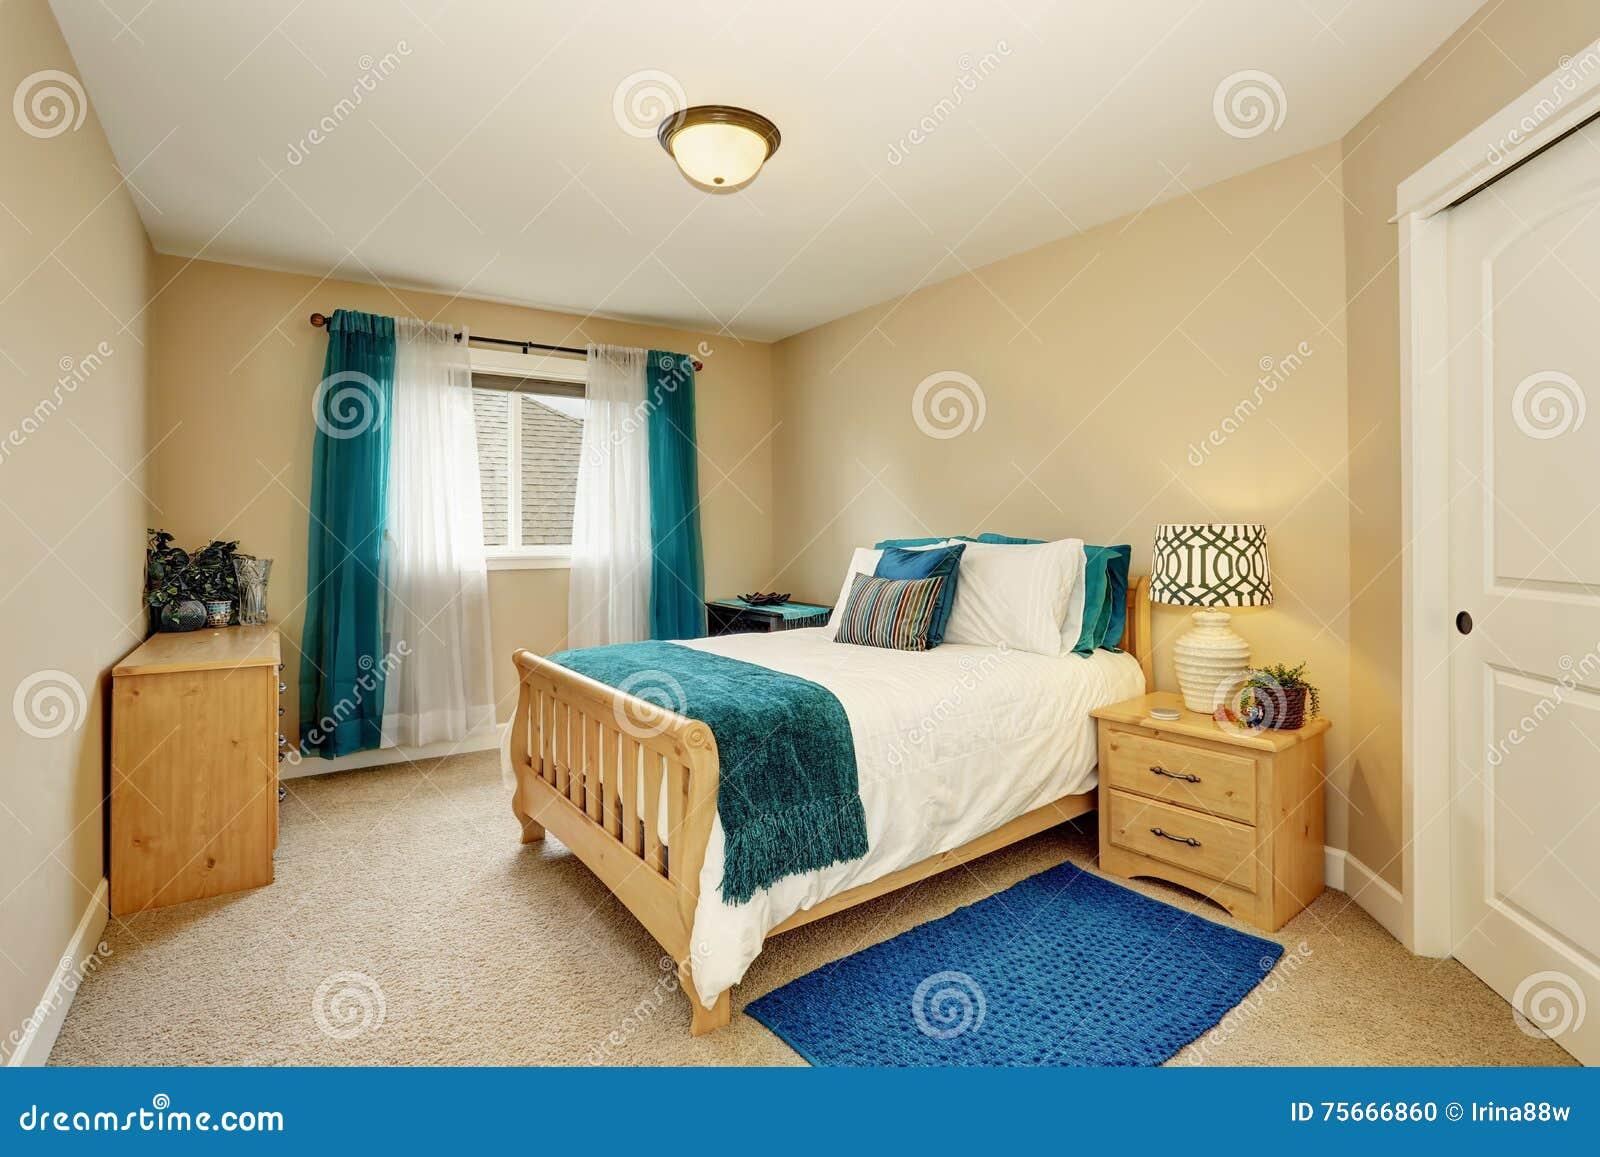 Camera Da Letto Beige : Camera da letto beige ordinata con la tenda del turchese ed il